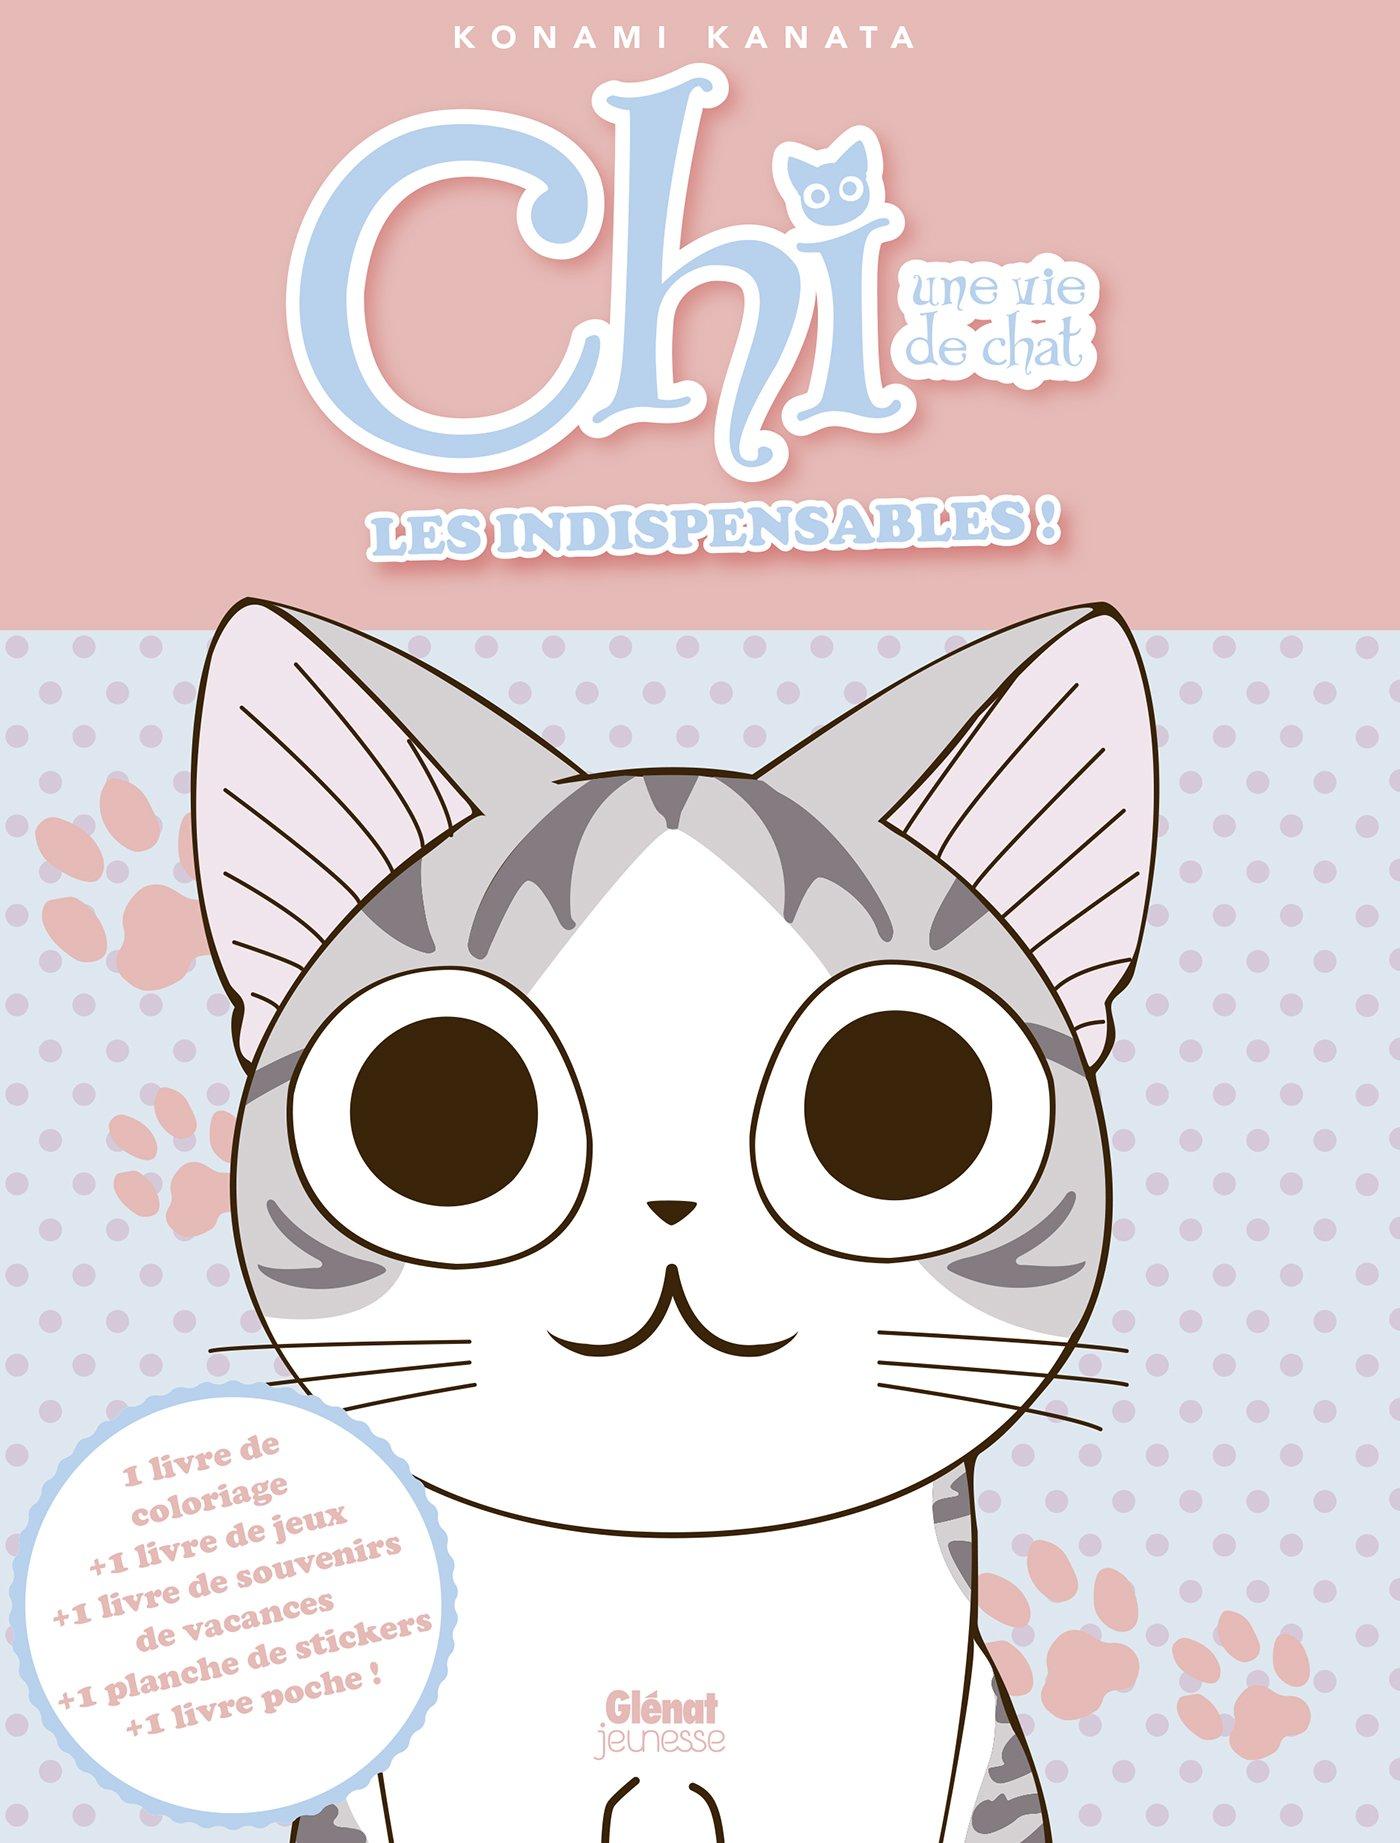 Coloriage Une Vie De Chat.Chi Une Vie De Chat Les Indispensables Contient 1 Livre De